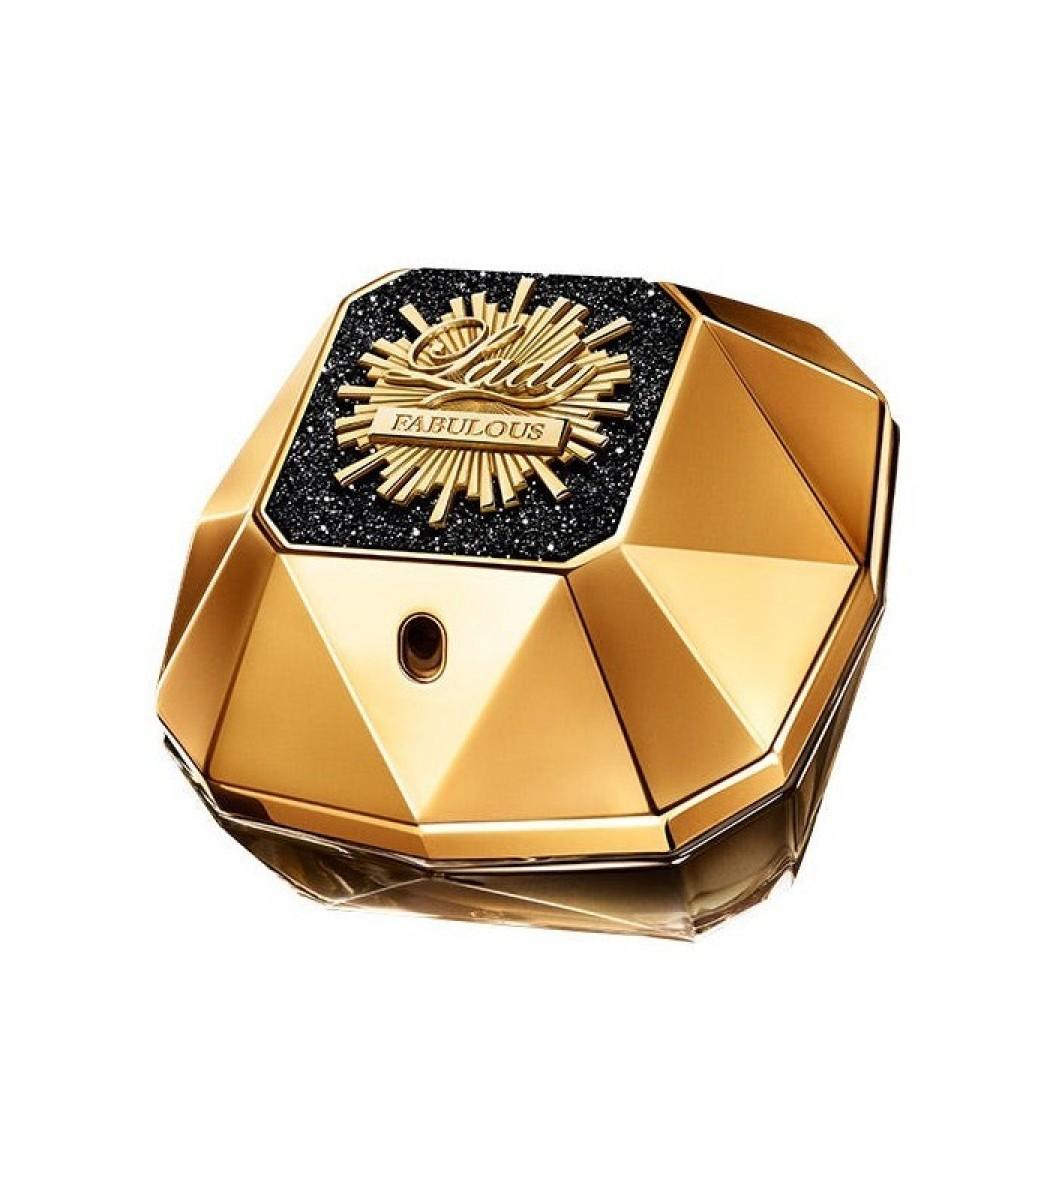 Lady Million Fabulous Eau de Parfum